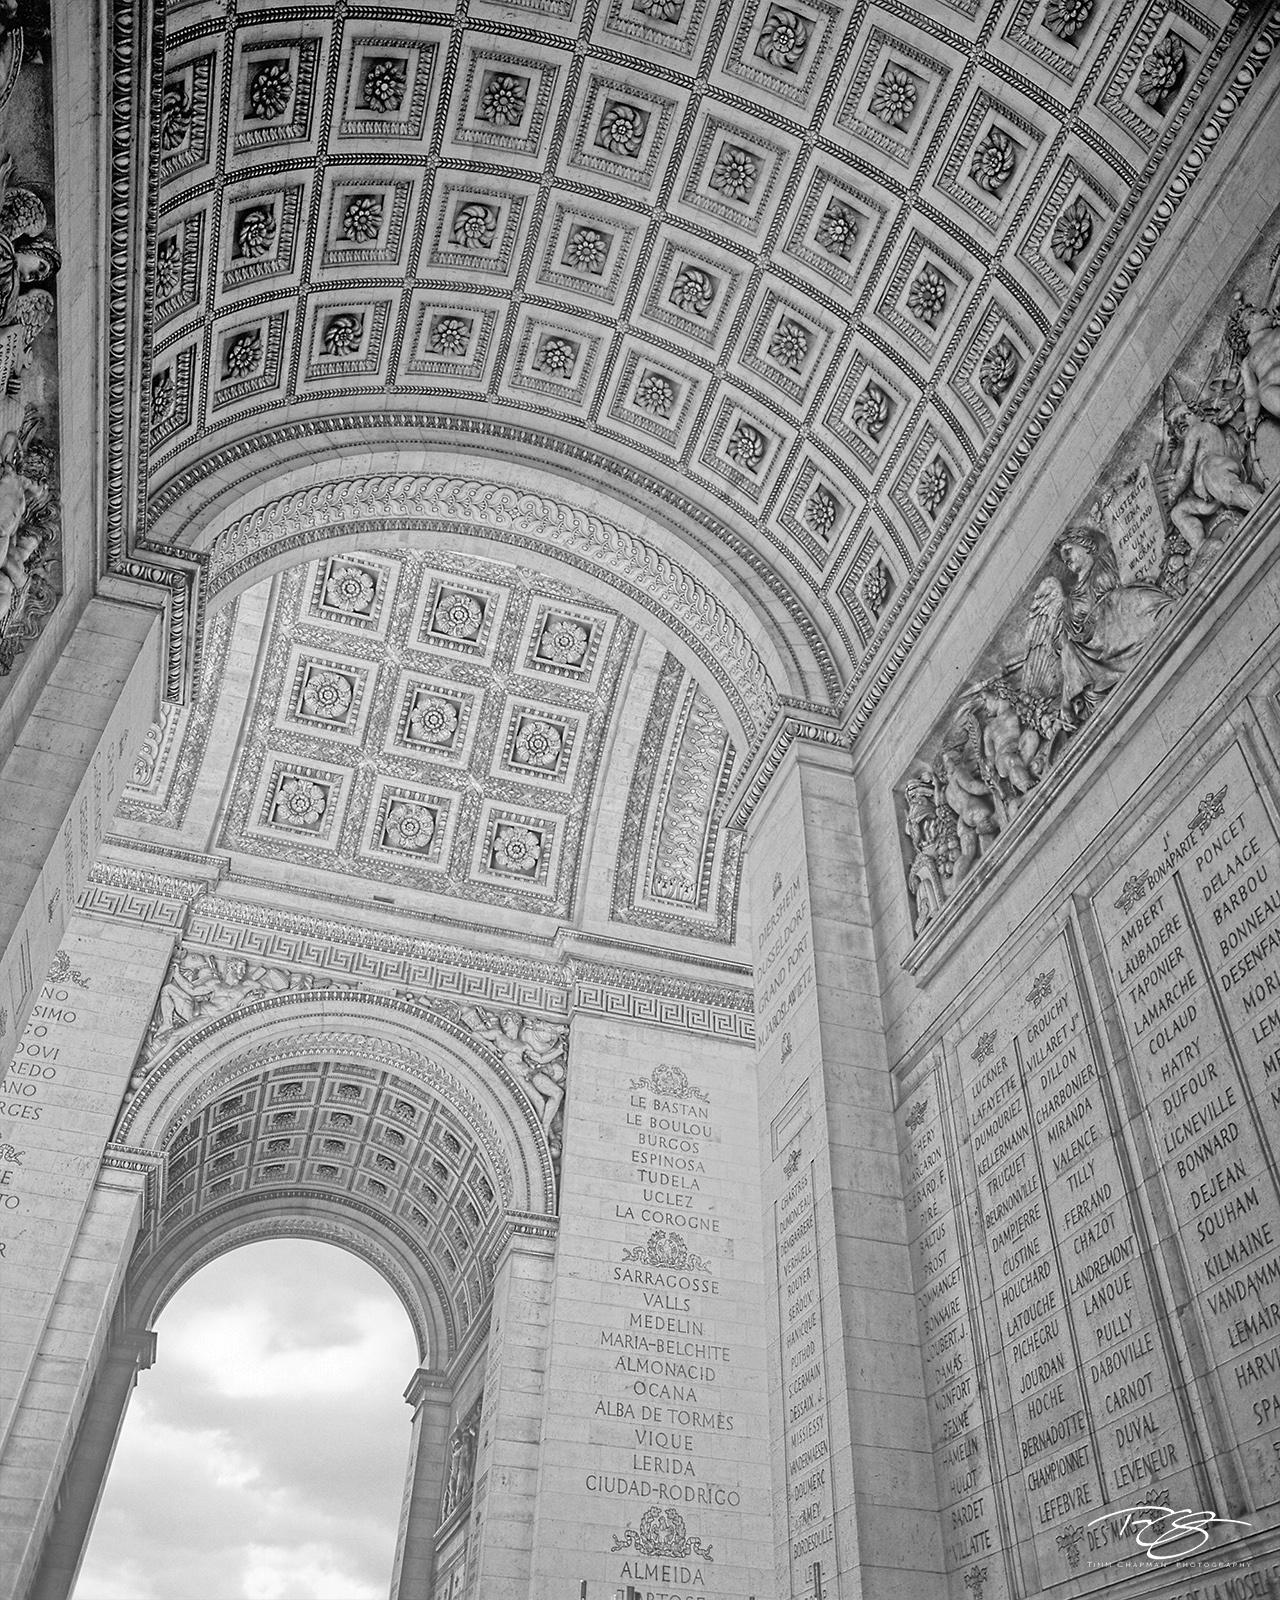 arc de triomphe, arch of triumph, paris, france, napoleon, monument, war heroes, napoleonic wars, imperial armies, generals, architecture, paris landmark, memorial, photo